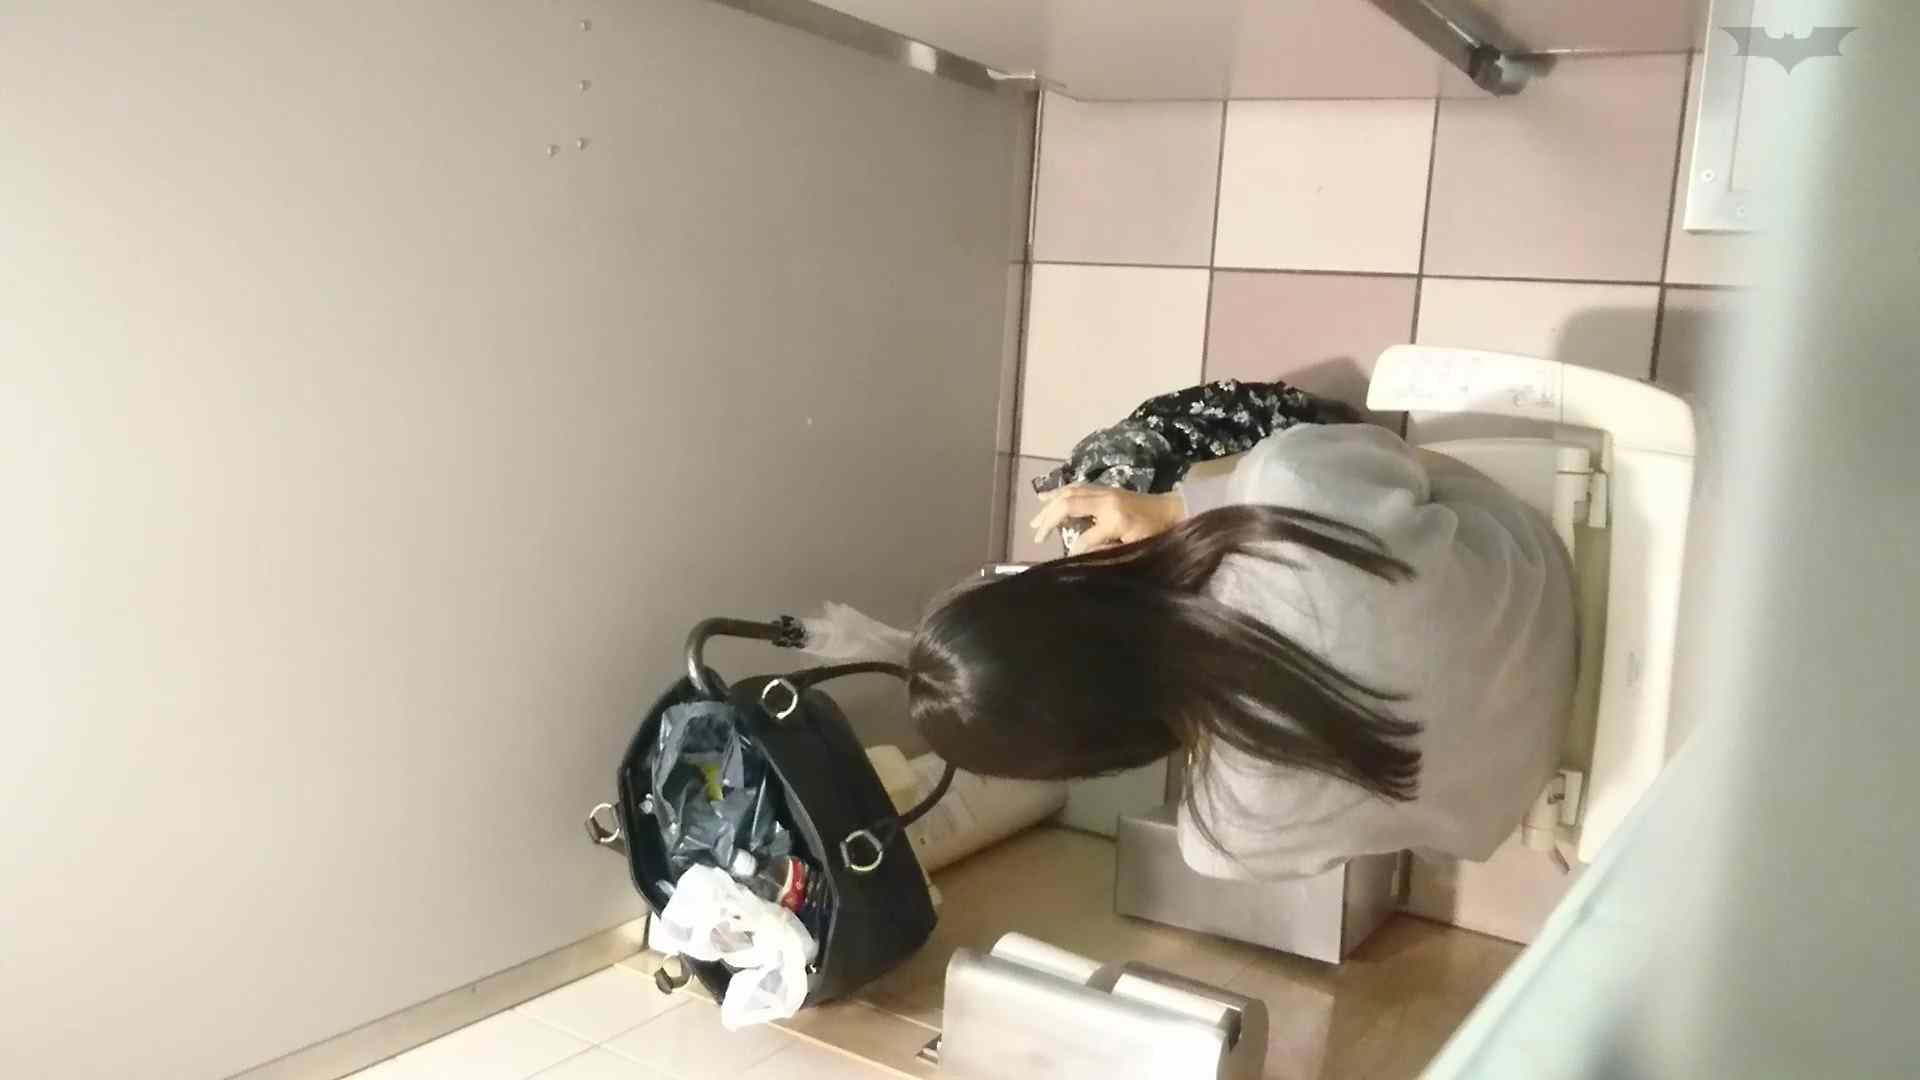 化粧室絵巻 ショッピングモール編 VOL.21 洗面所のぞき すけべAV動画紹介 109枚 96